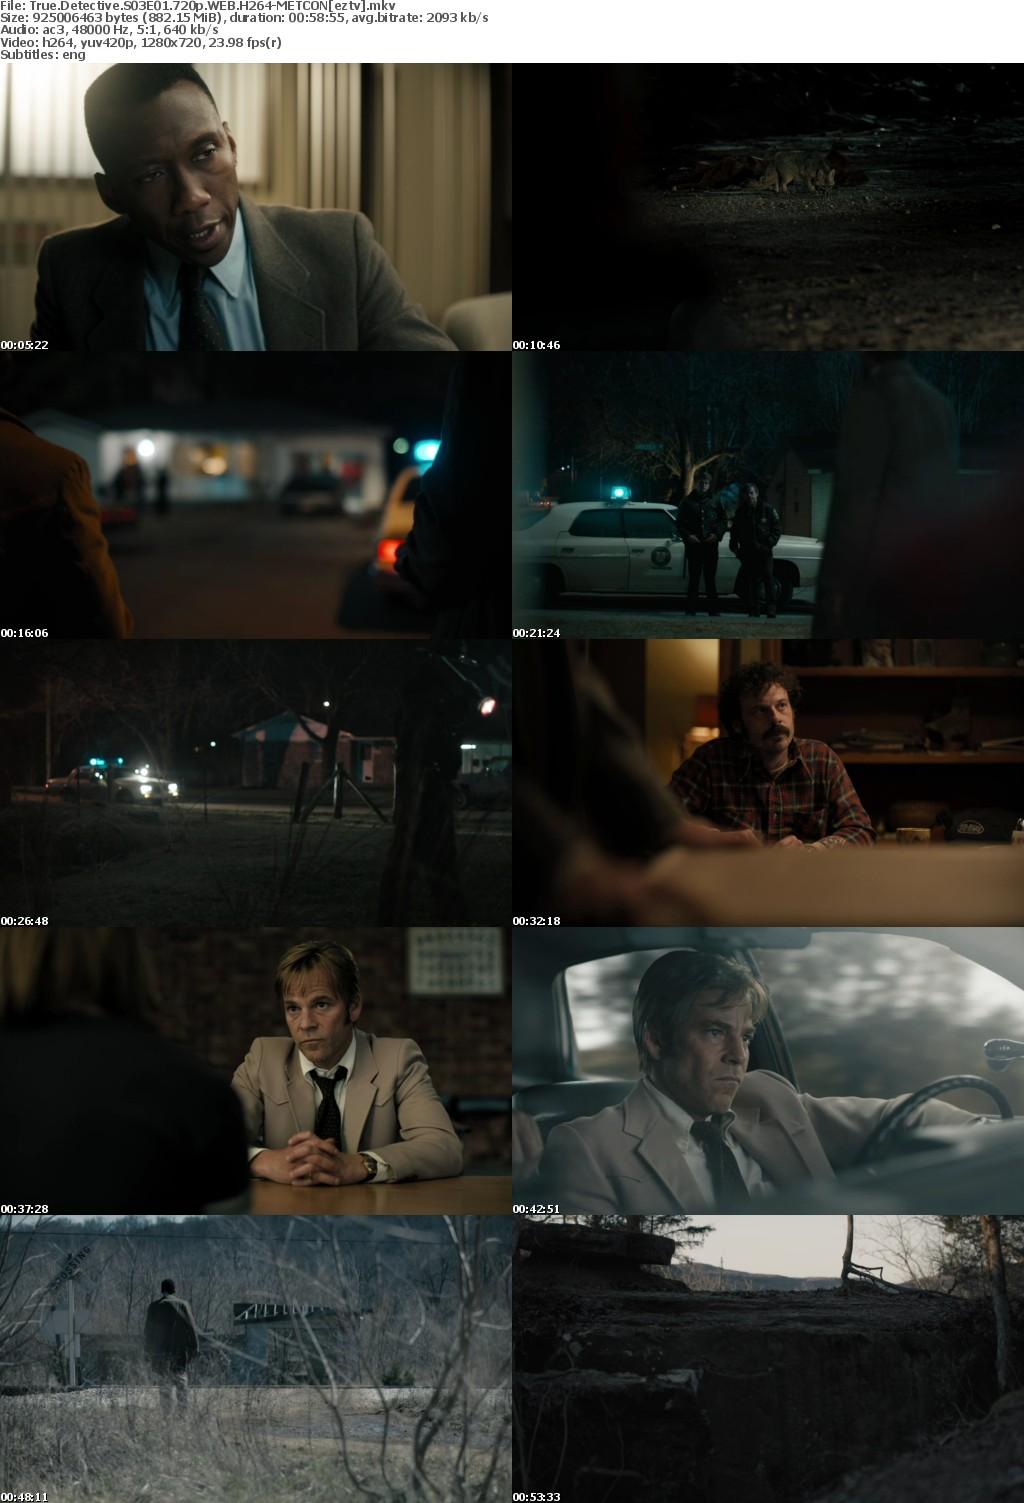 True Detective S03E01 720p WEB H264-METCON